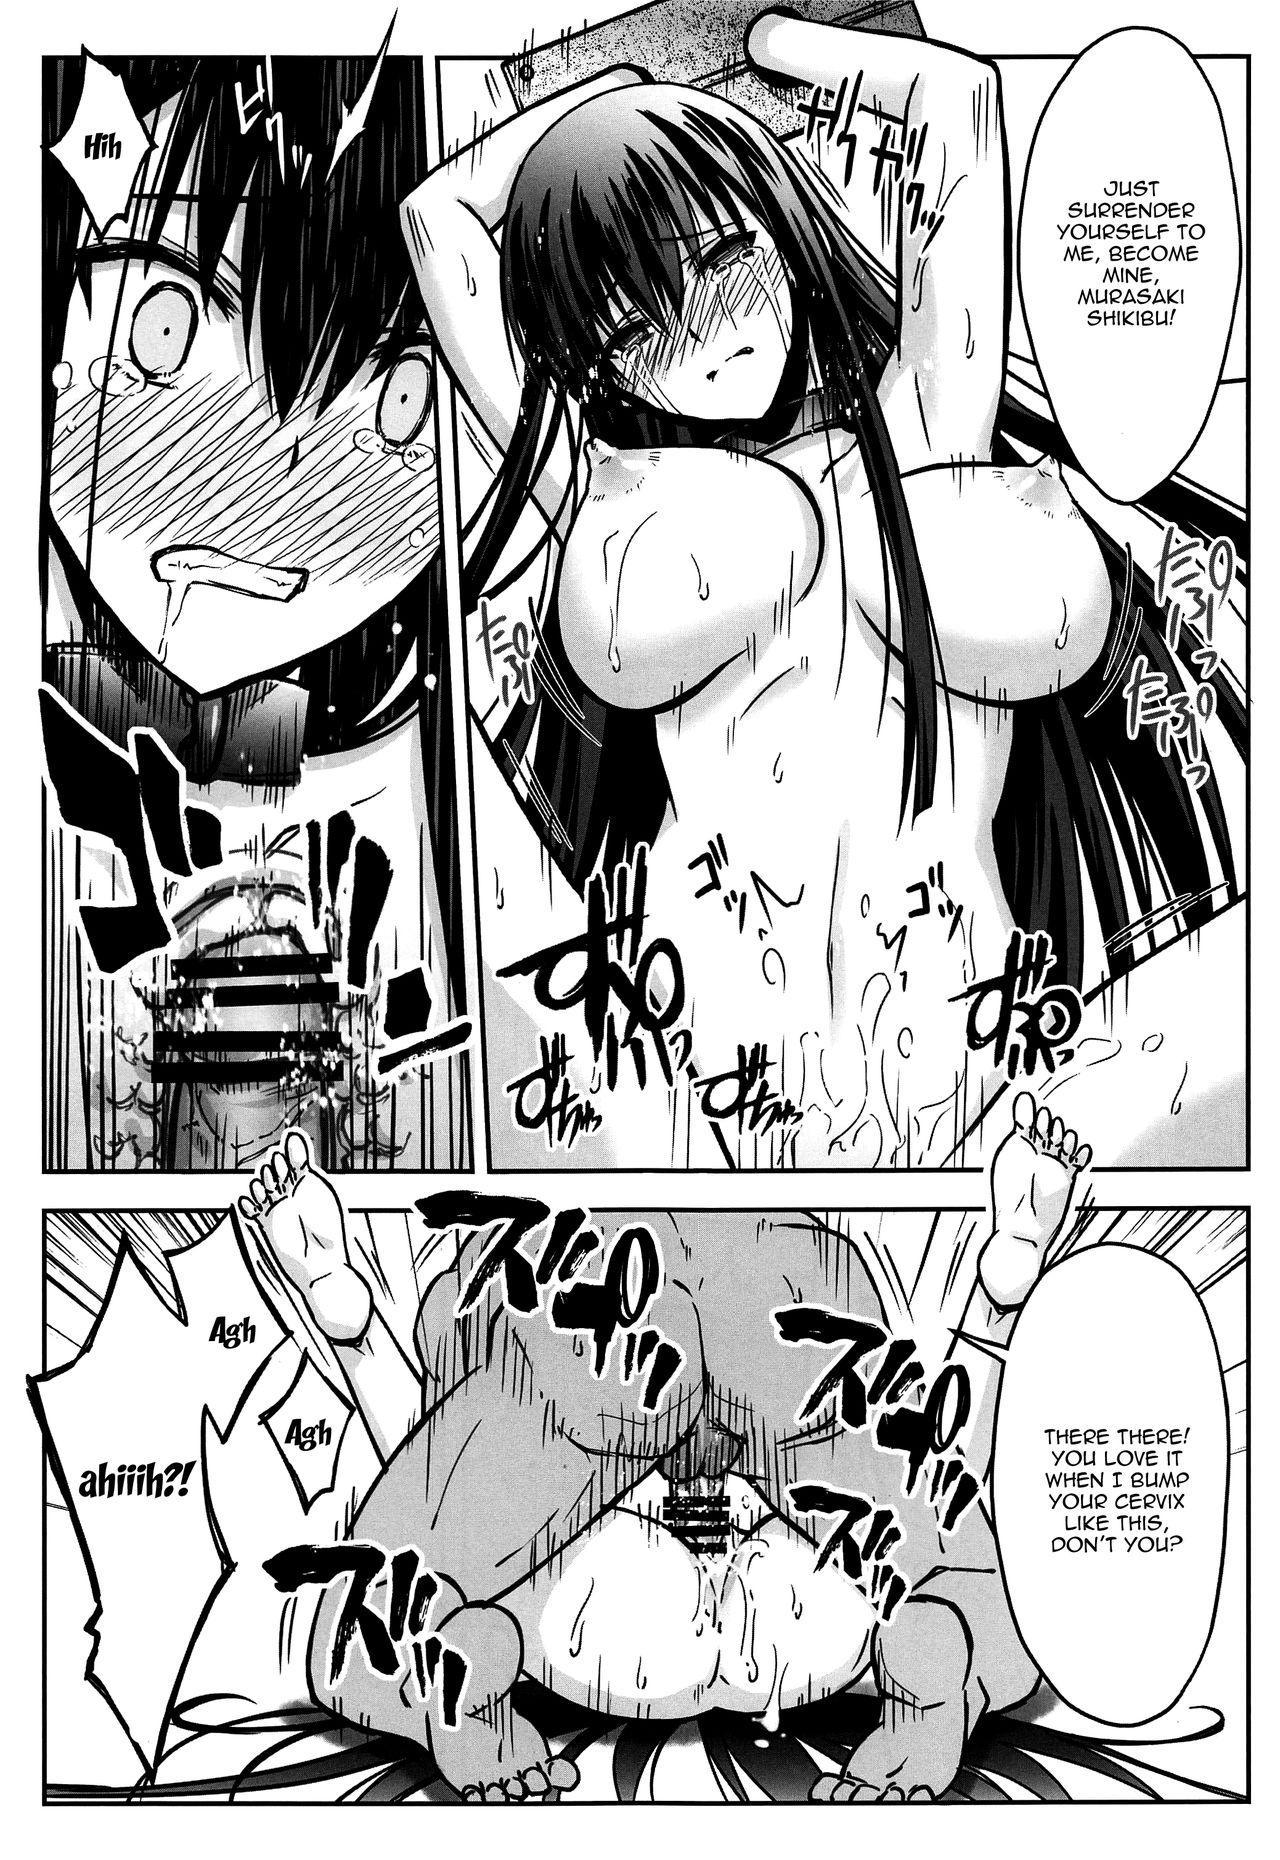 Murasaki Shikibu Ryoujoku Monogatari 17